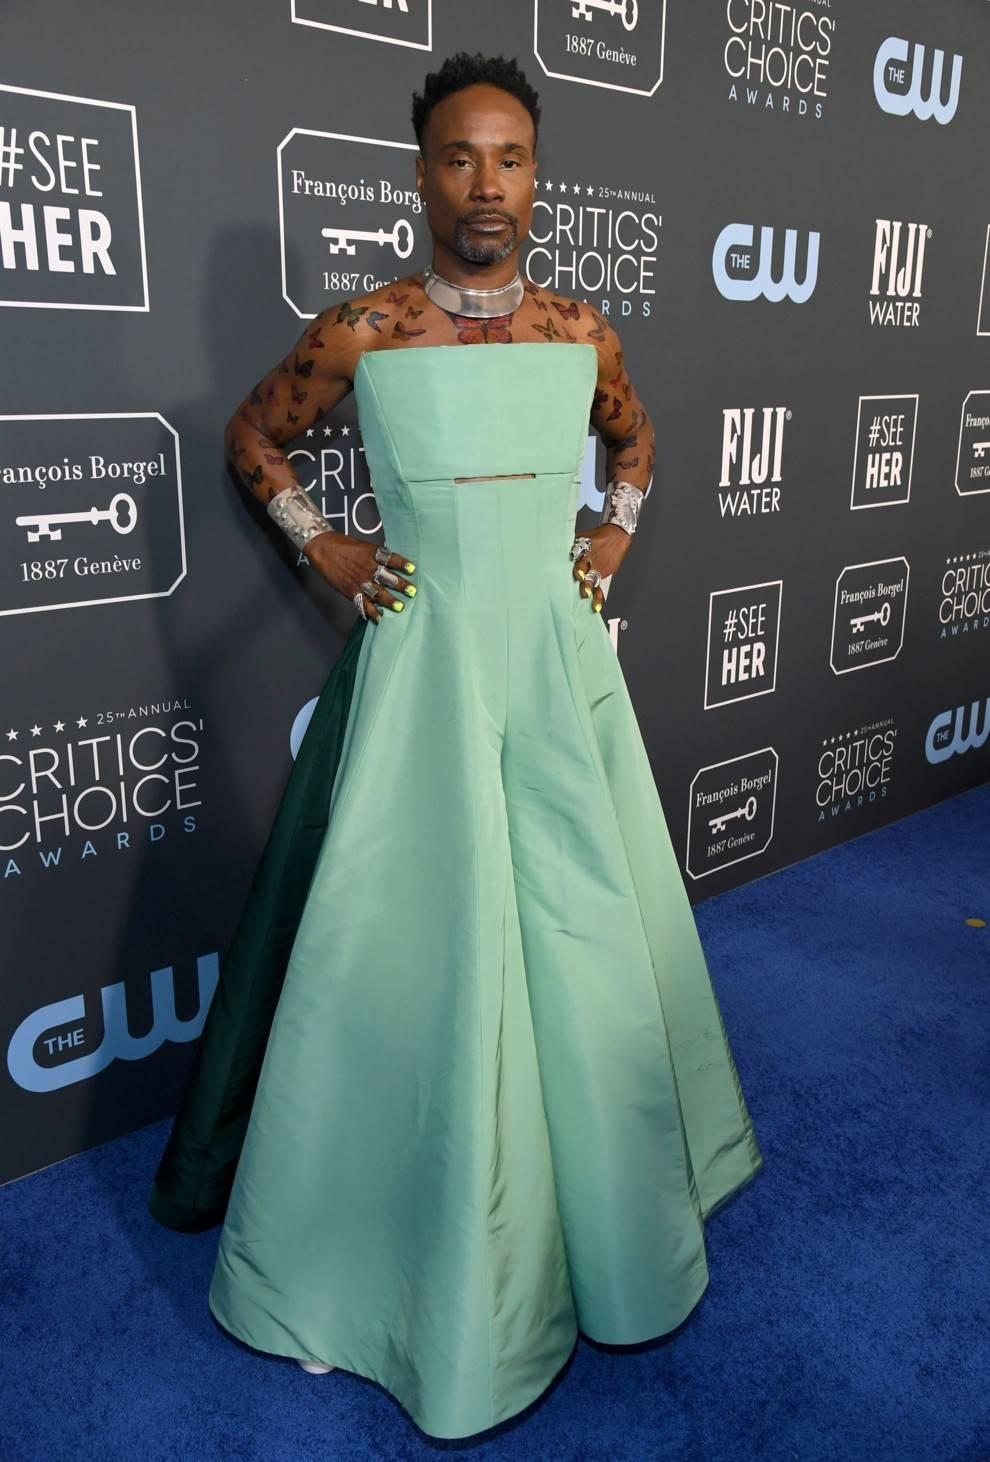 Публике на удивление: на премию Critics' Choice Awards Билли Портер одел платье